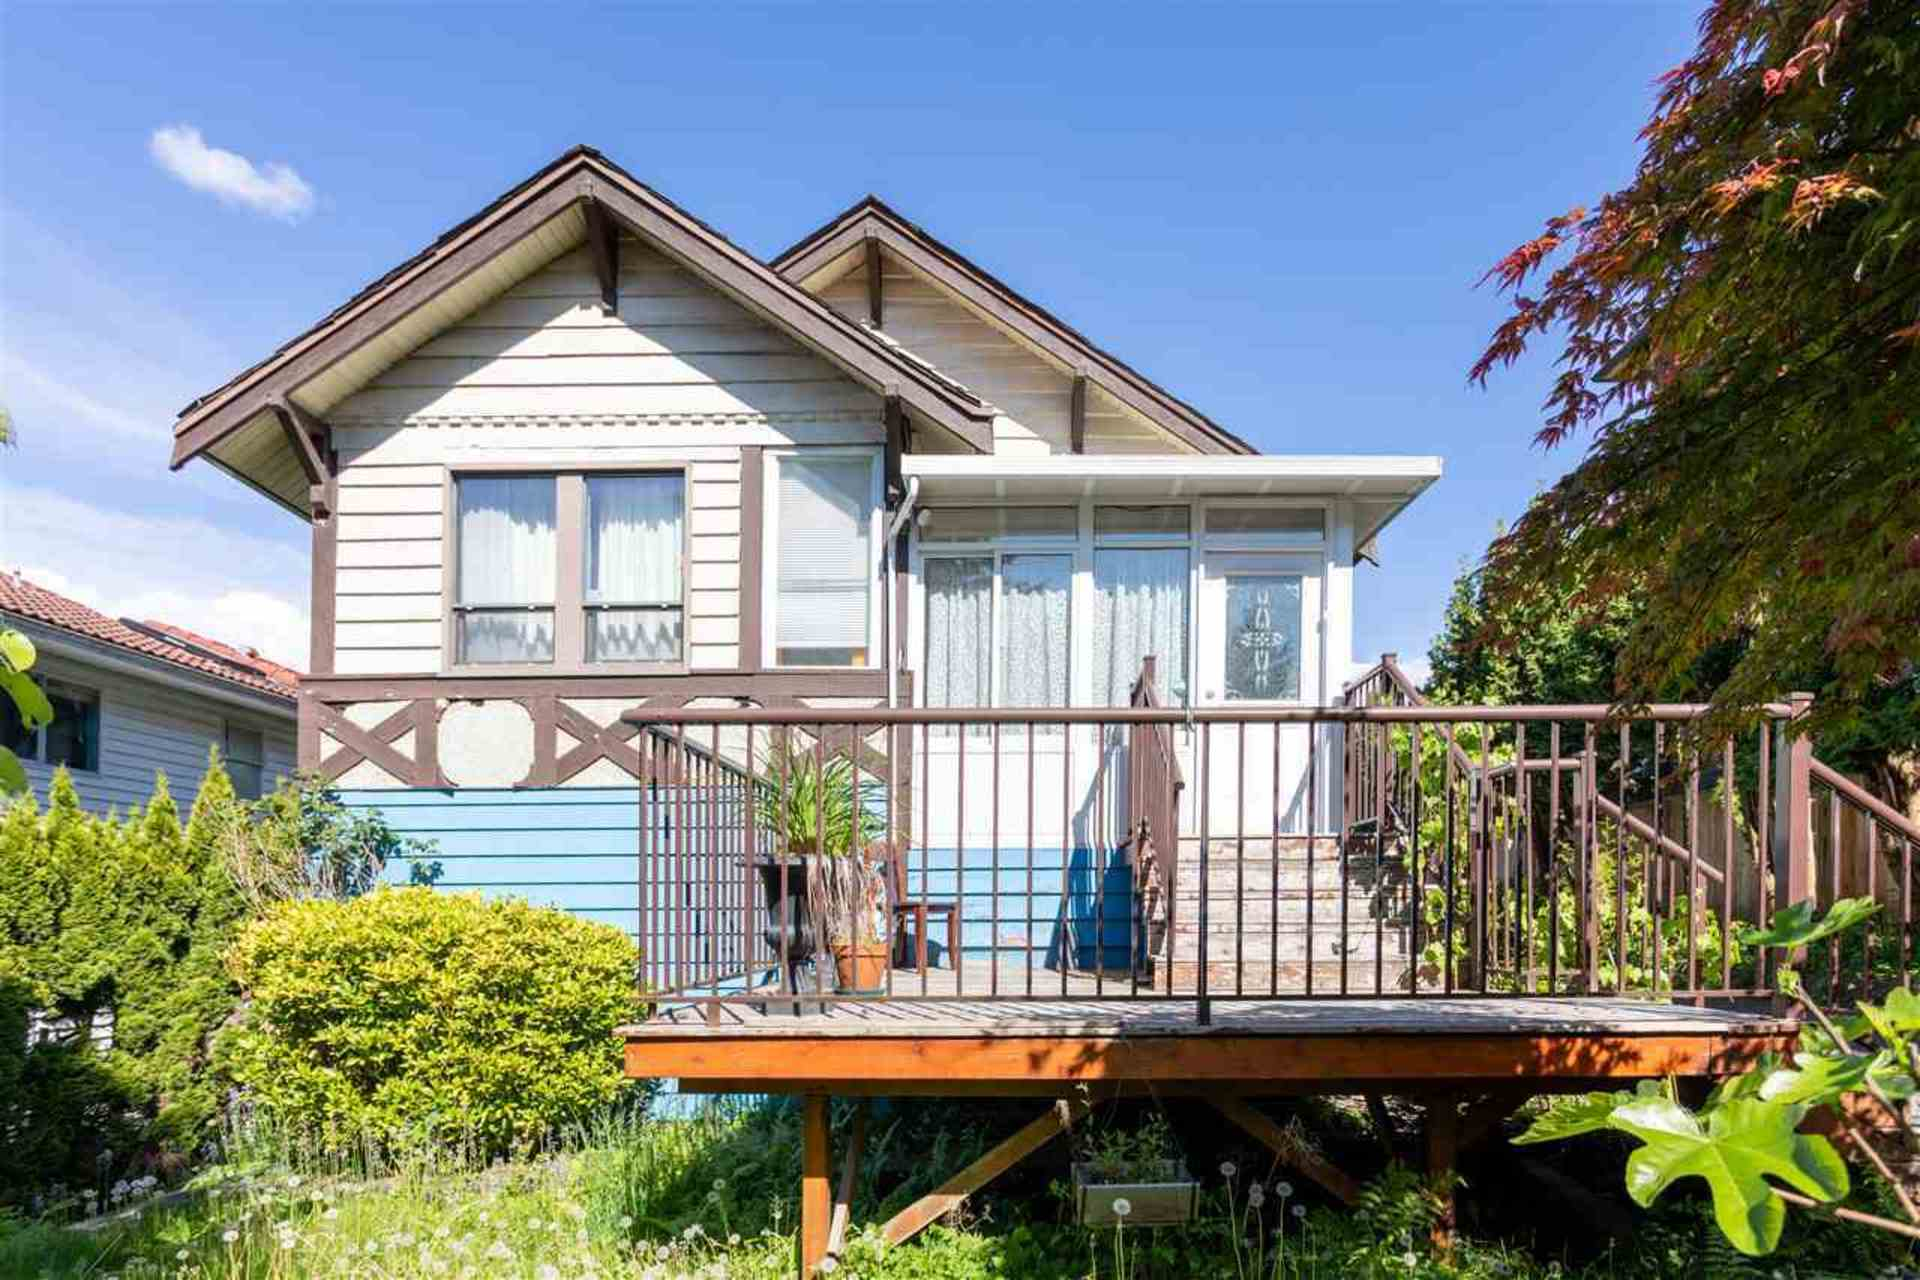 6036-brantford-avenue-upper-deer-lake-burnaby-south-06 at 6036 Brantford Avenue, Upper Deer Lake, Burnaby South